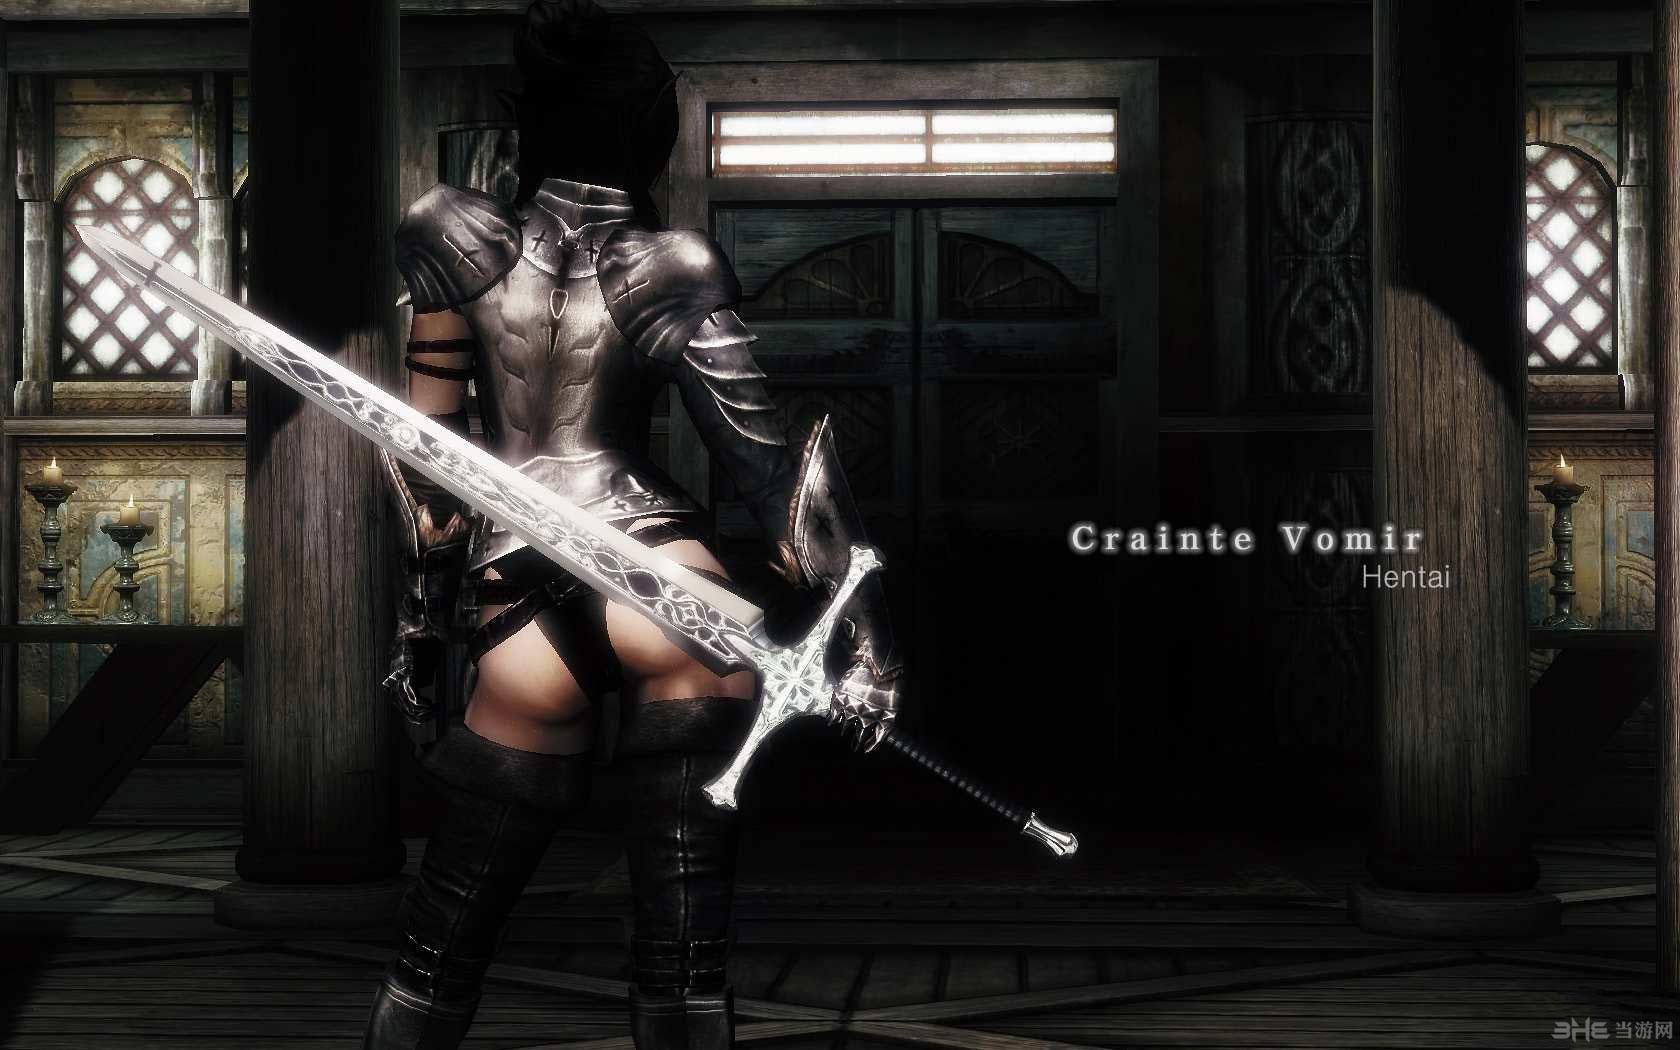 上古卷轴5:天际重制版漂亮的双手剑Crainte Vomir MOD截图0